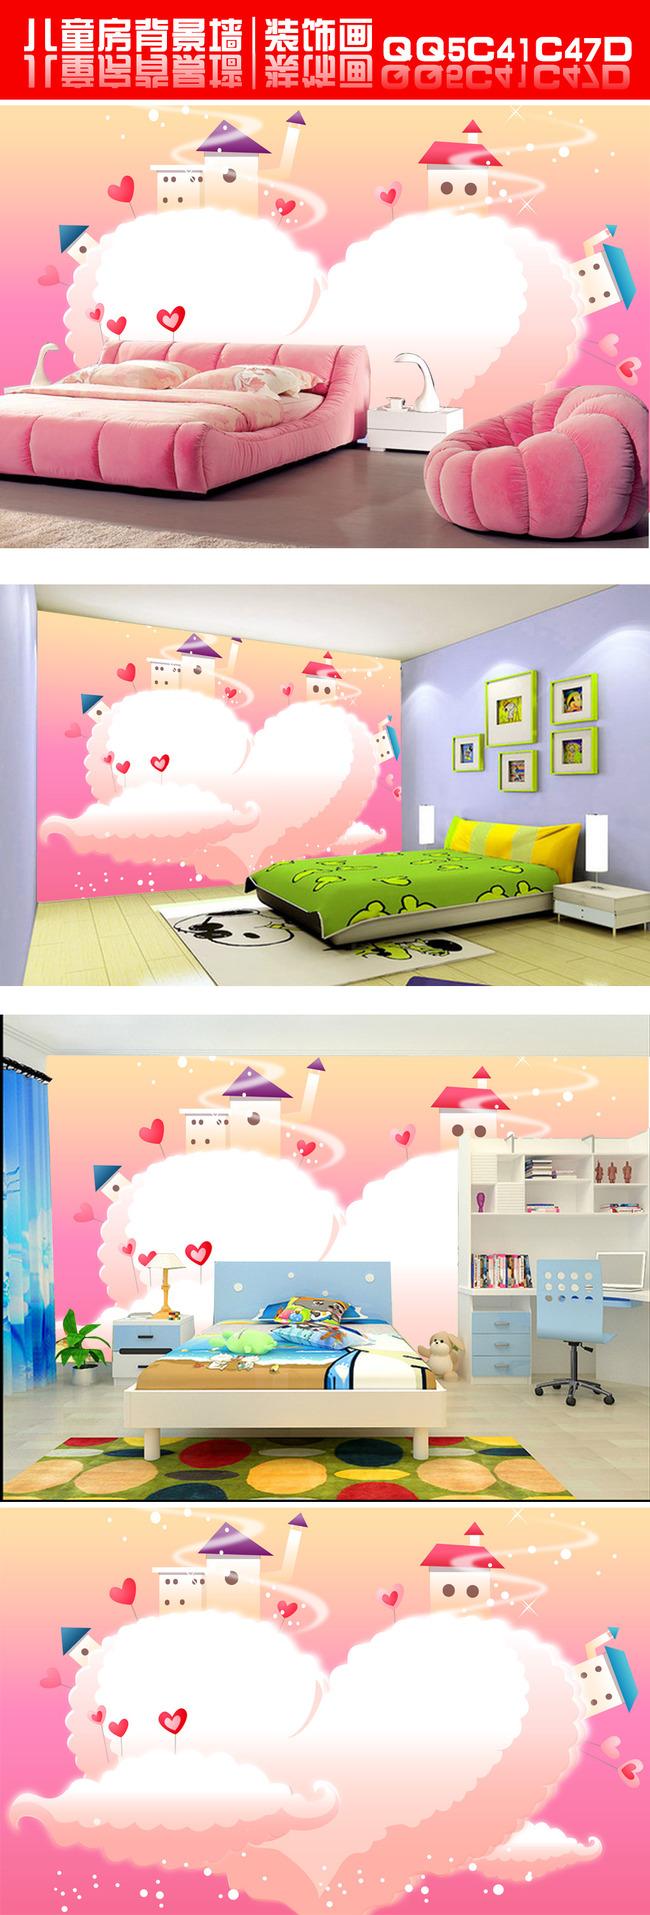 电视背景墙 手绘电视背景墙 > 3d现代梦幻手绘卡通动漫云朵儿童房装饰